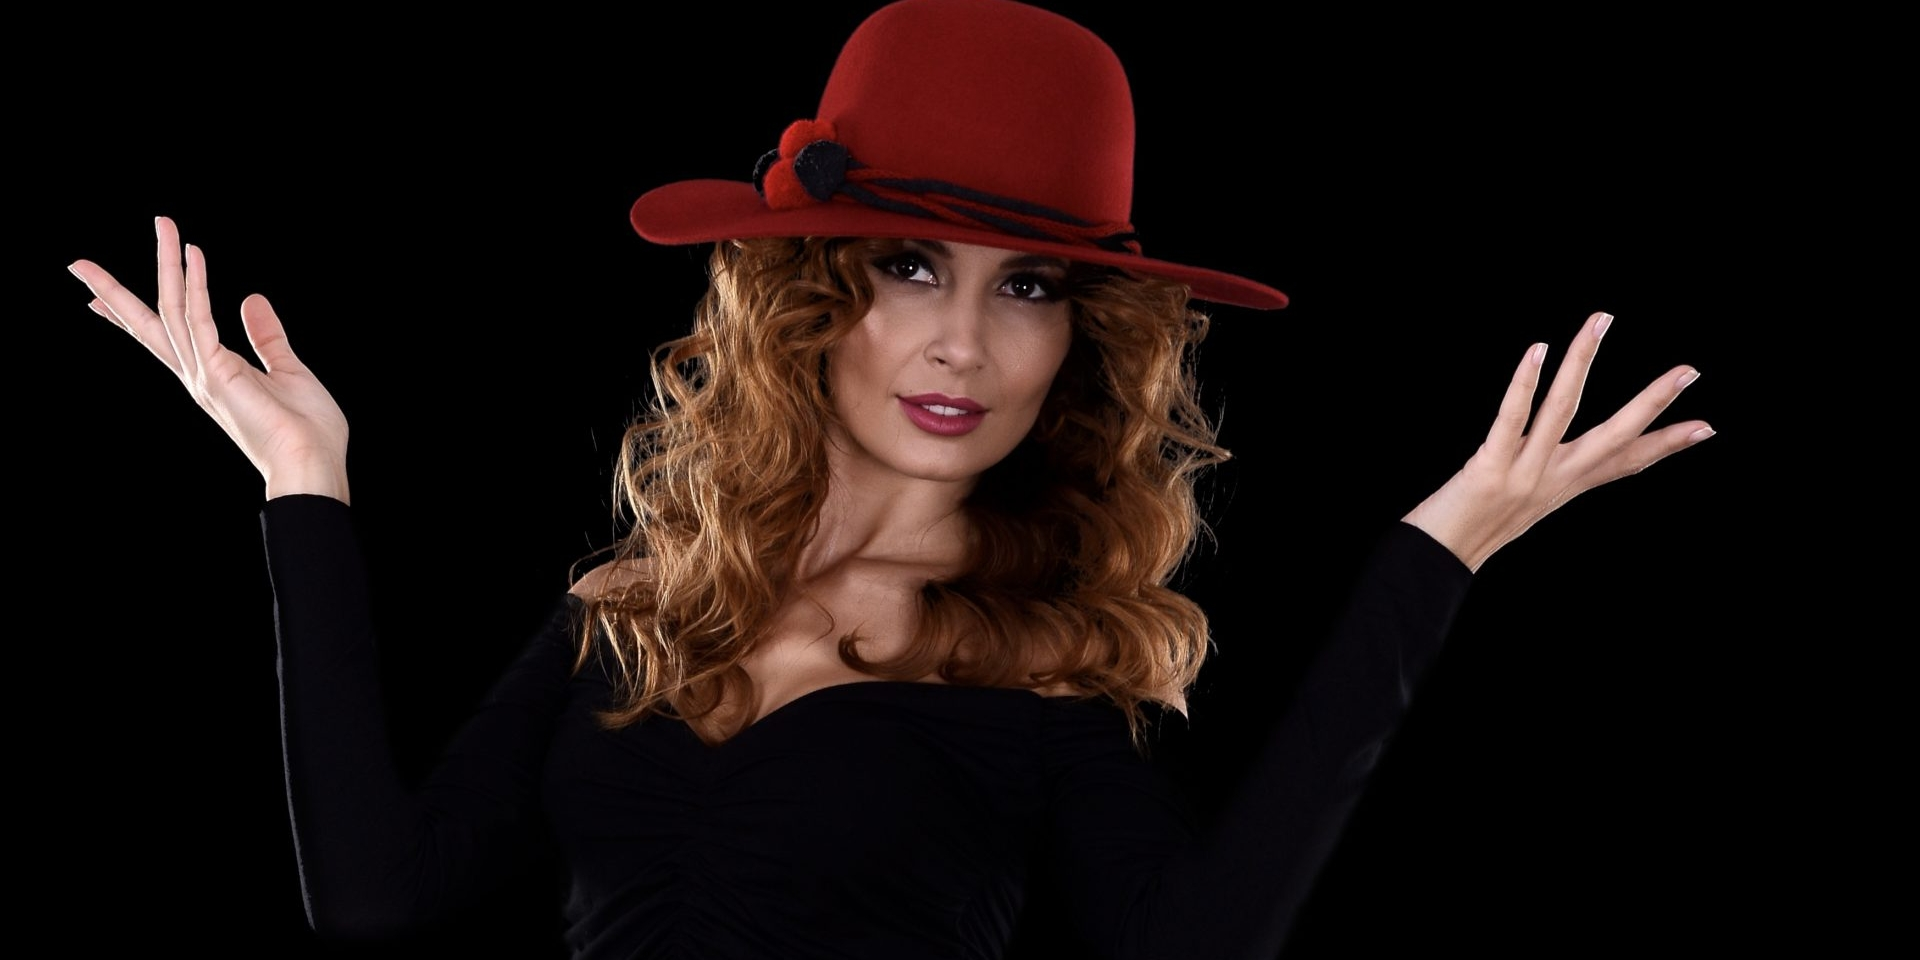 M-am îndrăgostit de o pălărie în stil spaniol, făcută de un italian, când eram în Hong Kong